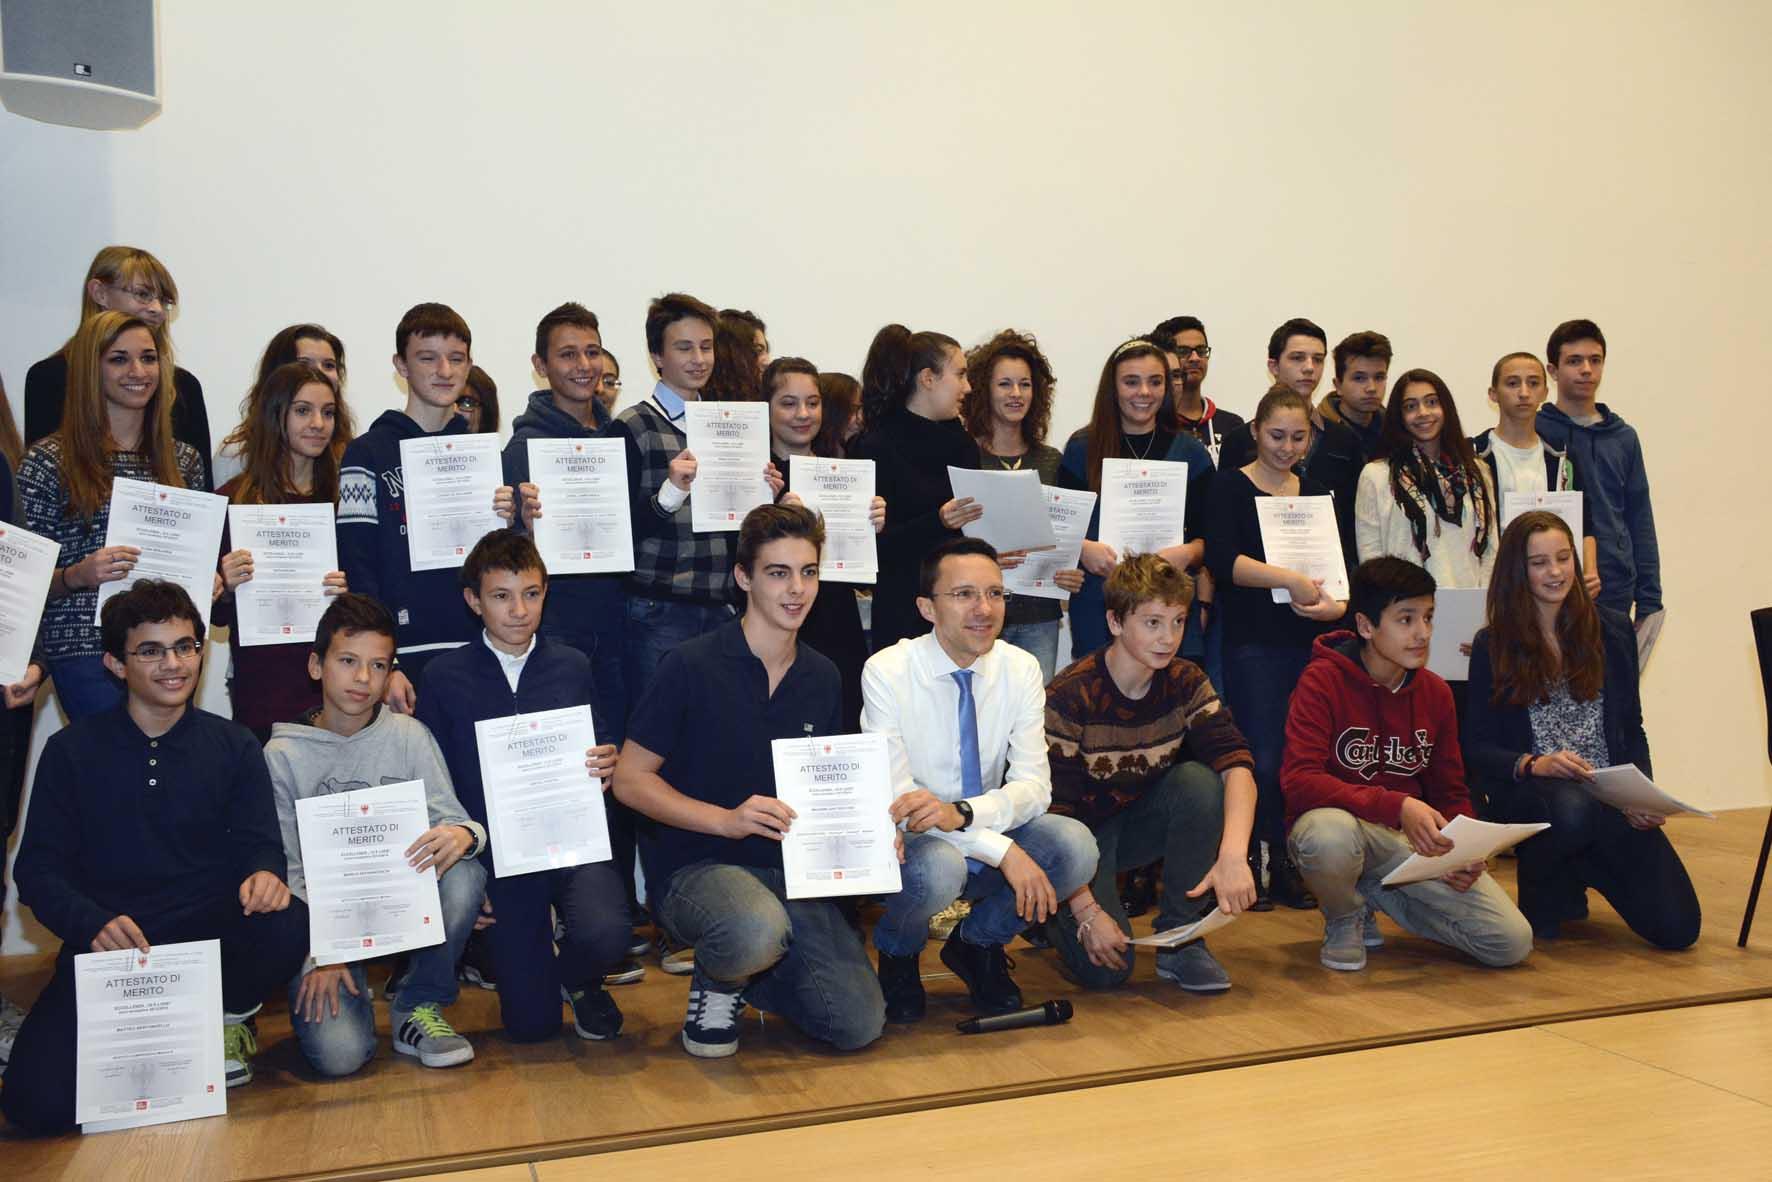 pab eccellenze scolstaiche premiati 2013-14 tommasini 1